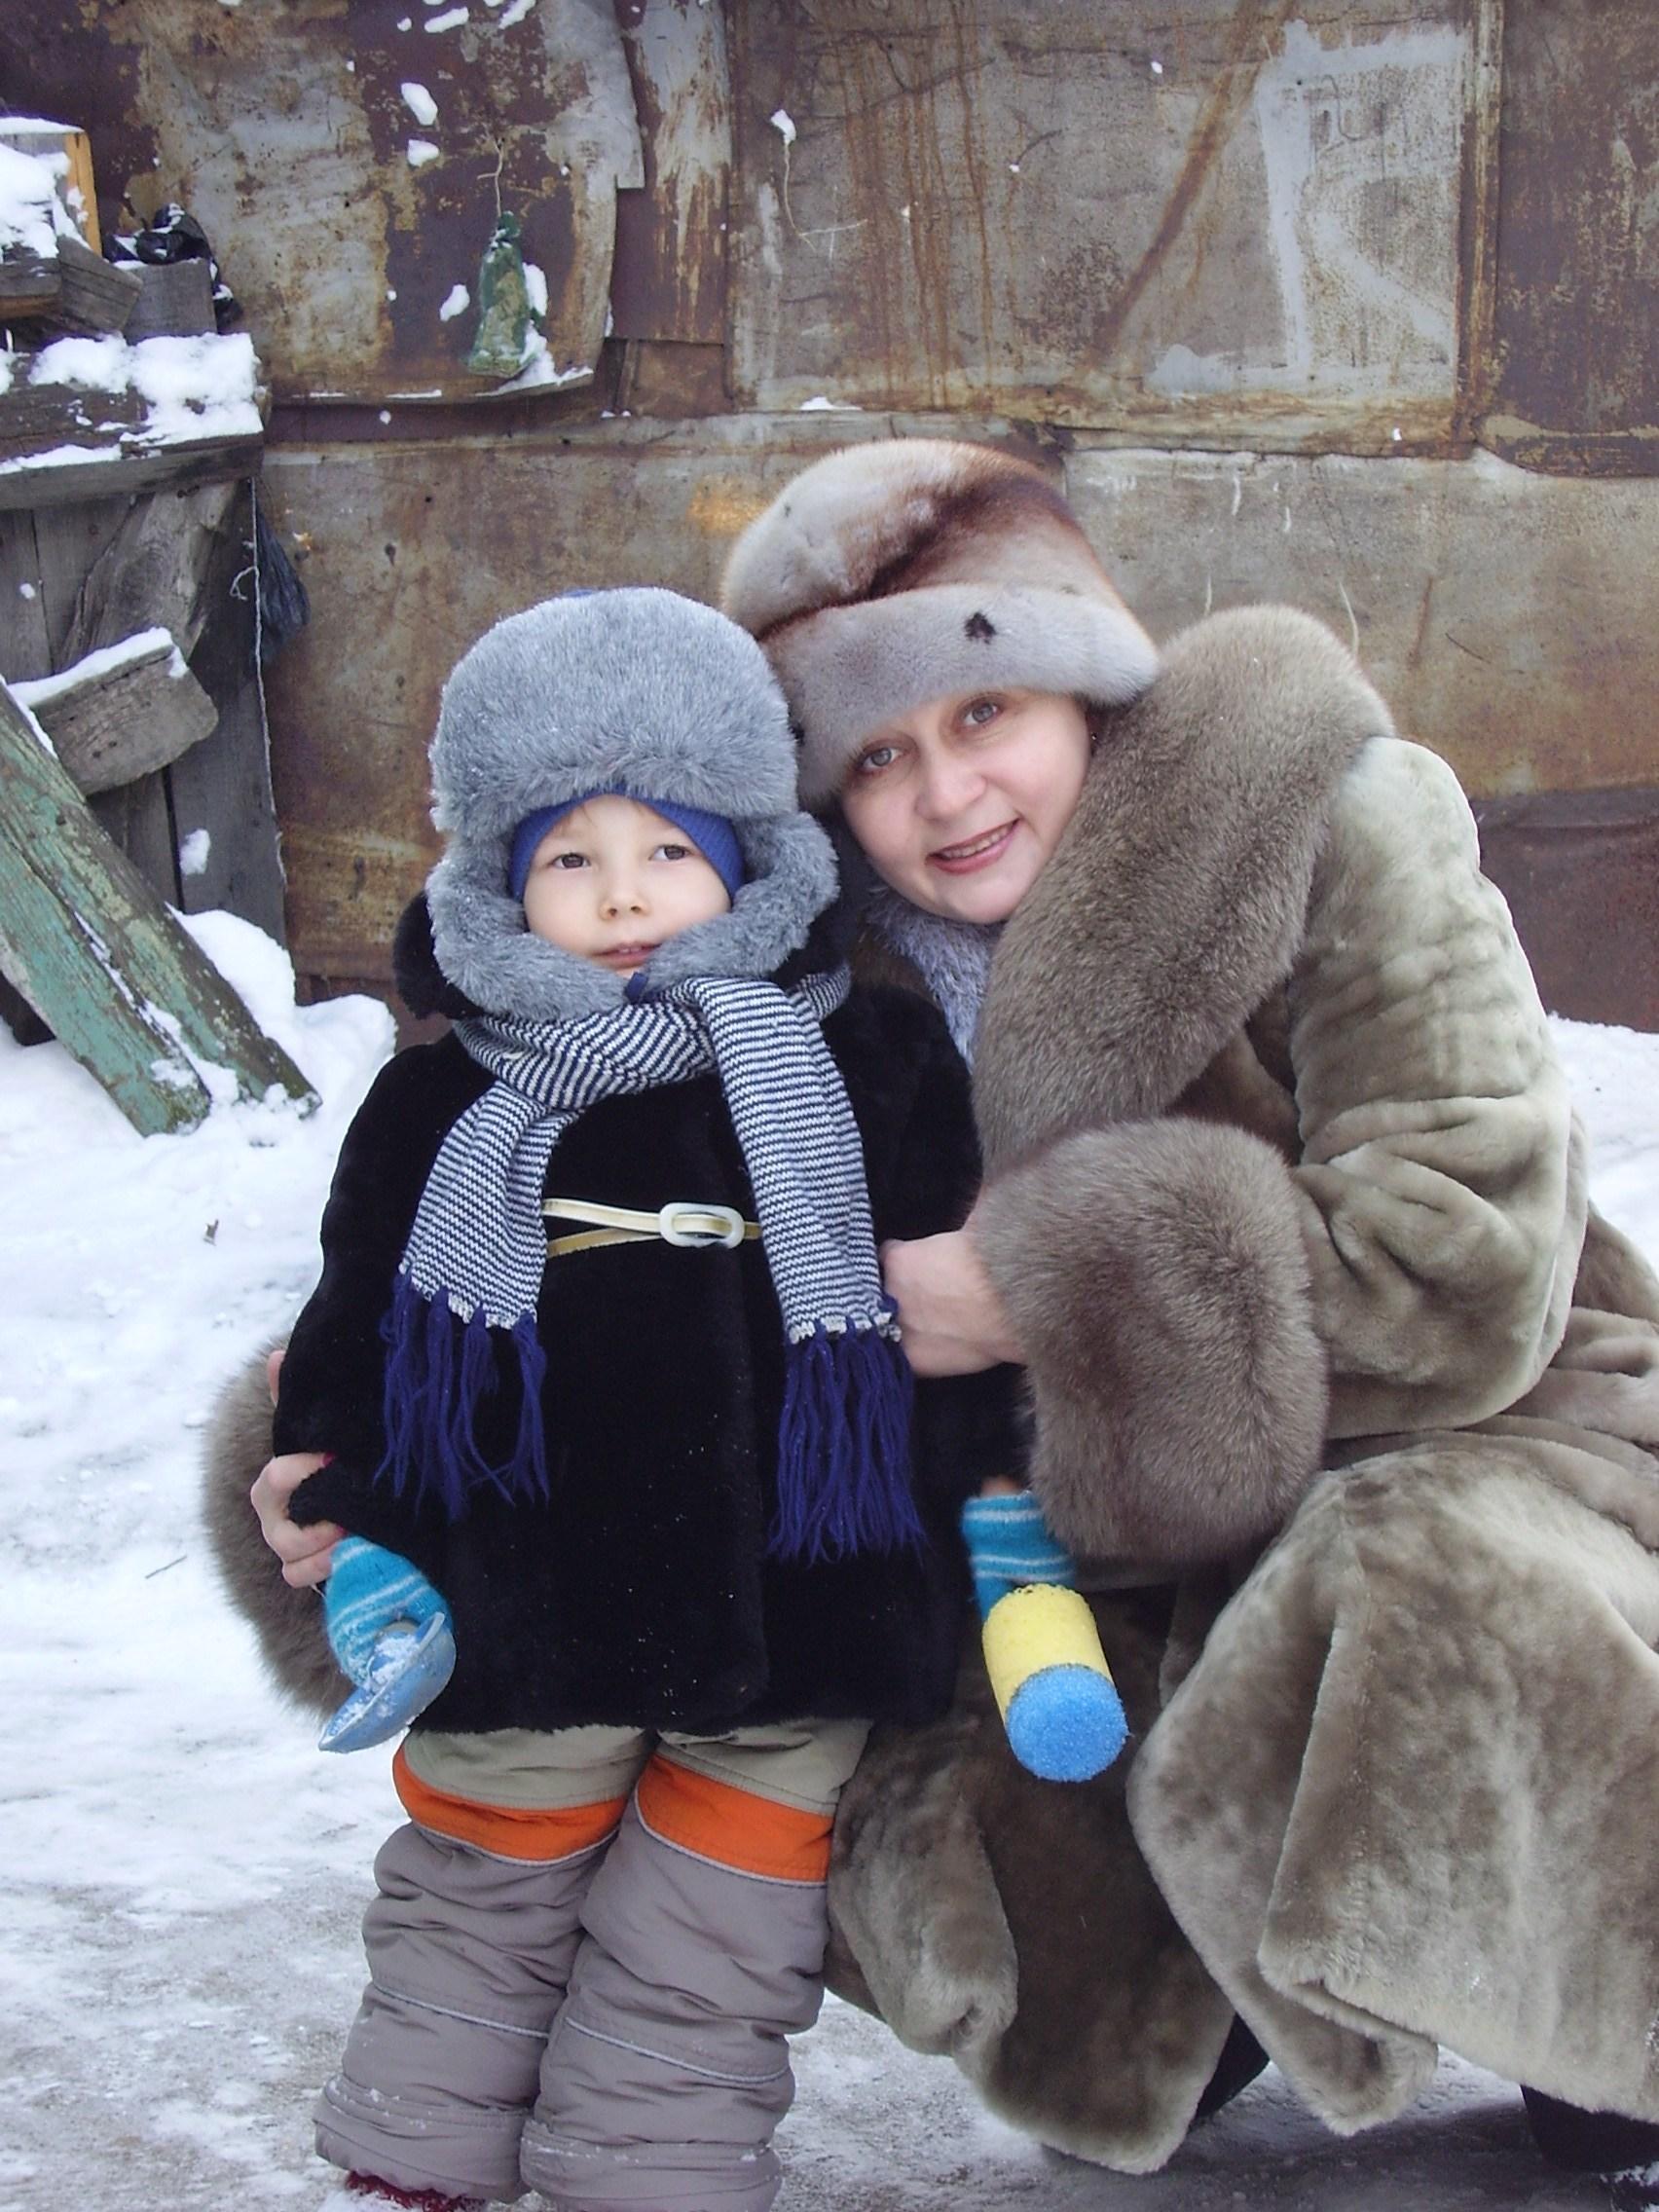 Снега много во дворе, весело всей детворе! . Зимние забавы